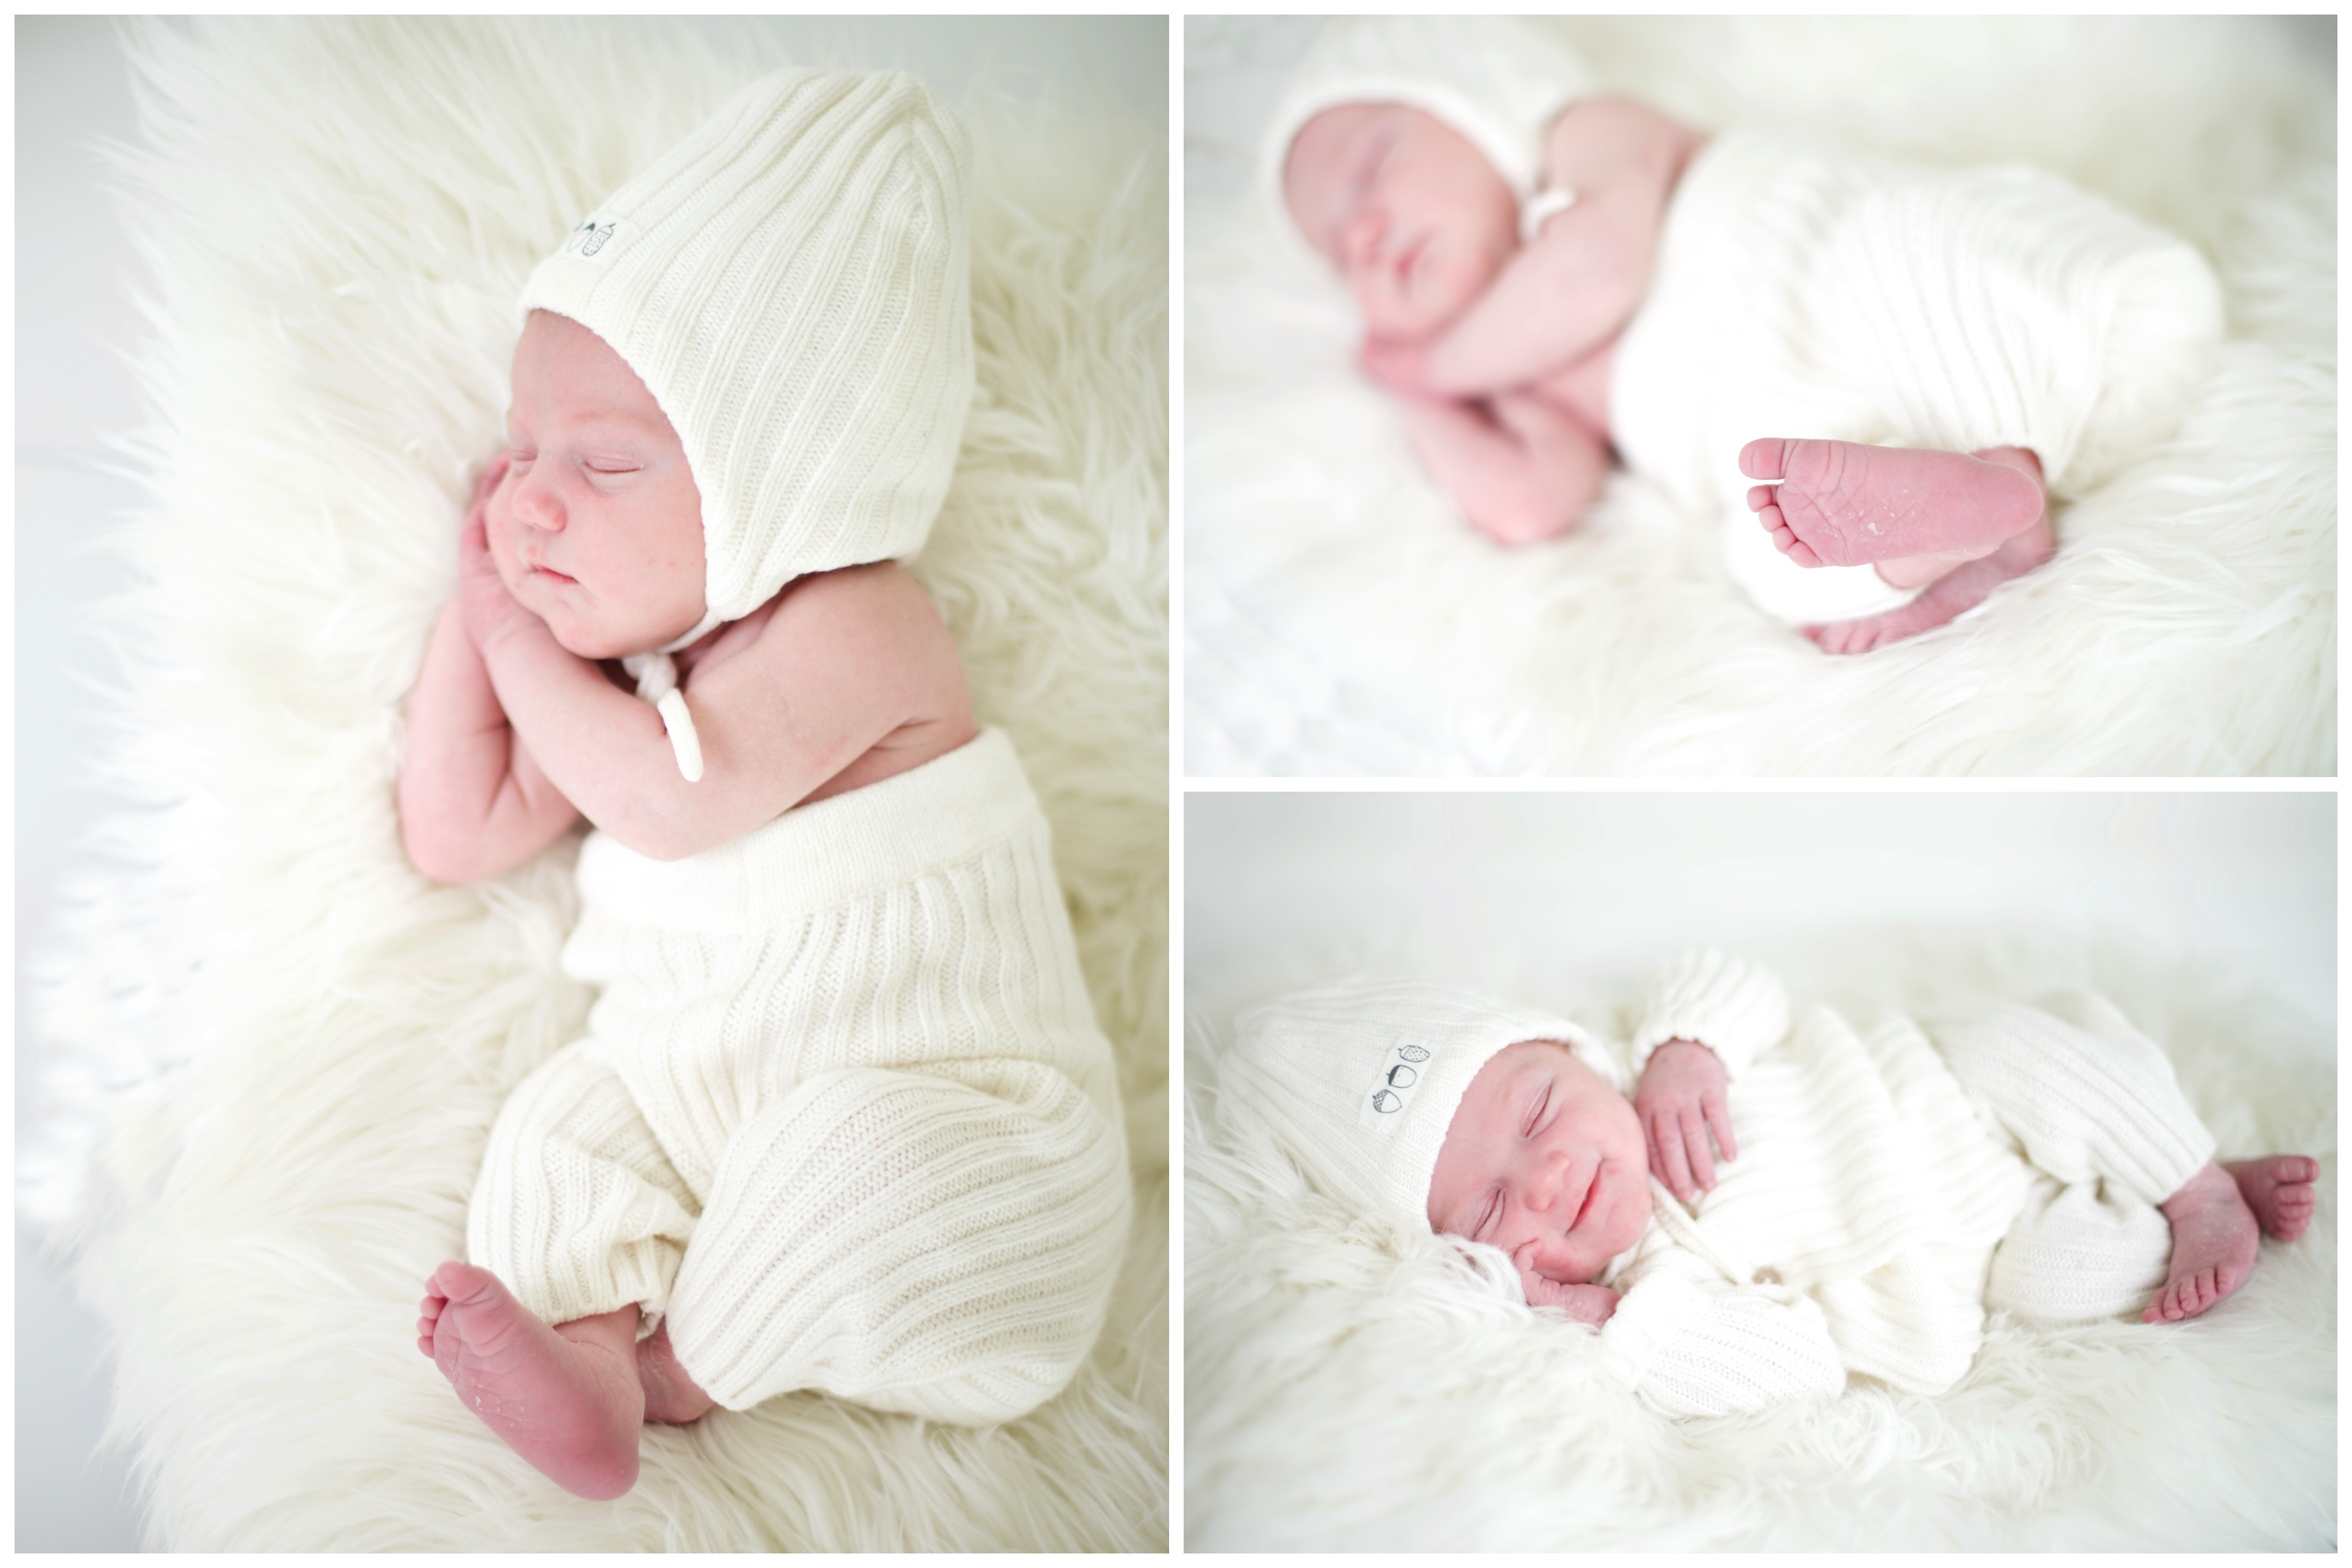 Babyfotografering hemma med Familjefotograf i Täby Erika Aminoff